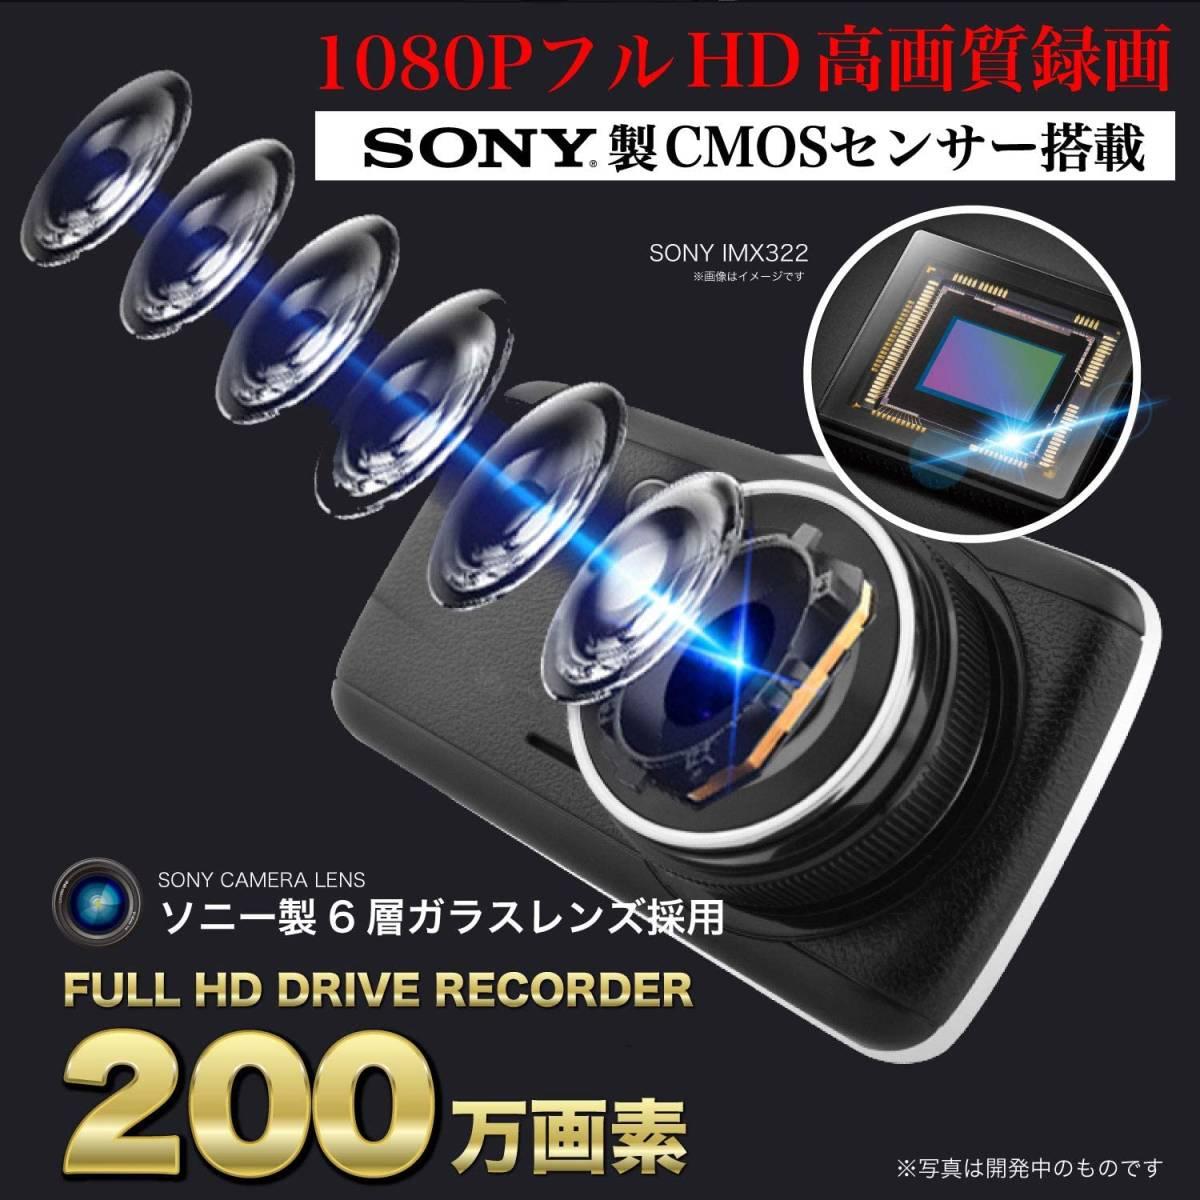 日本製 ドライブレコーダー 前後 カメラ 2カメラ 前後カメラ リアカメラ 駐車監視 衝撃録画 常時録画 モーション検知 ドラレコ_画像9